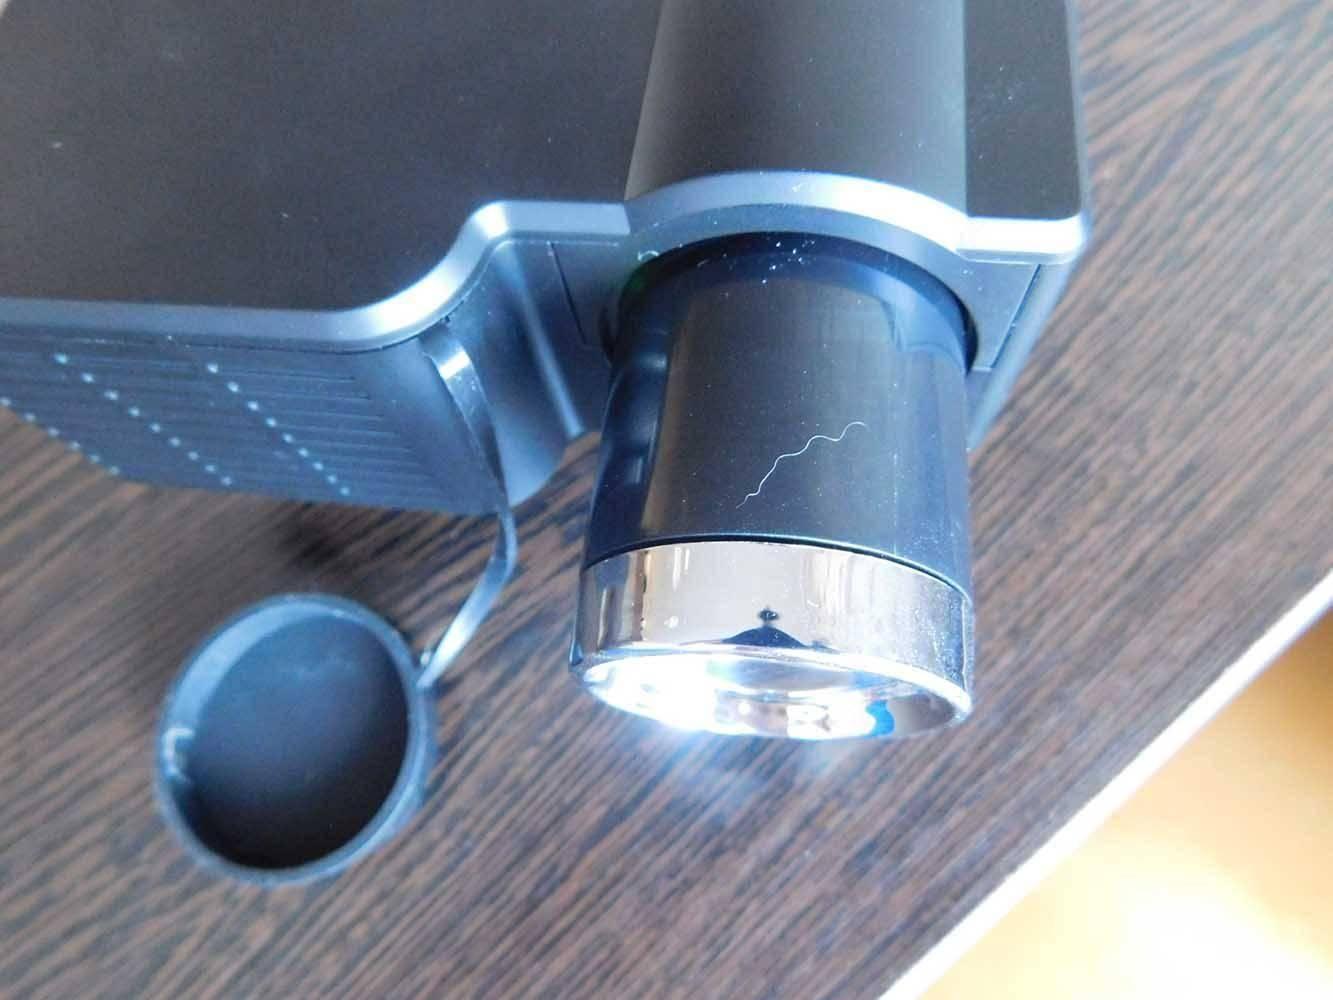 EverBuying: Отчет за полученный приз от Everbuying -  Mini LCD Projector UC-40